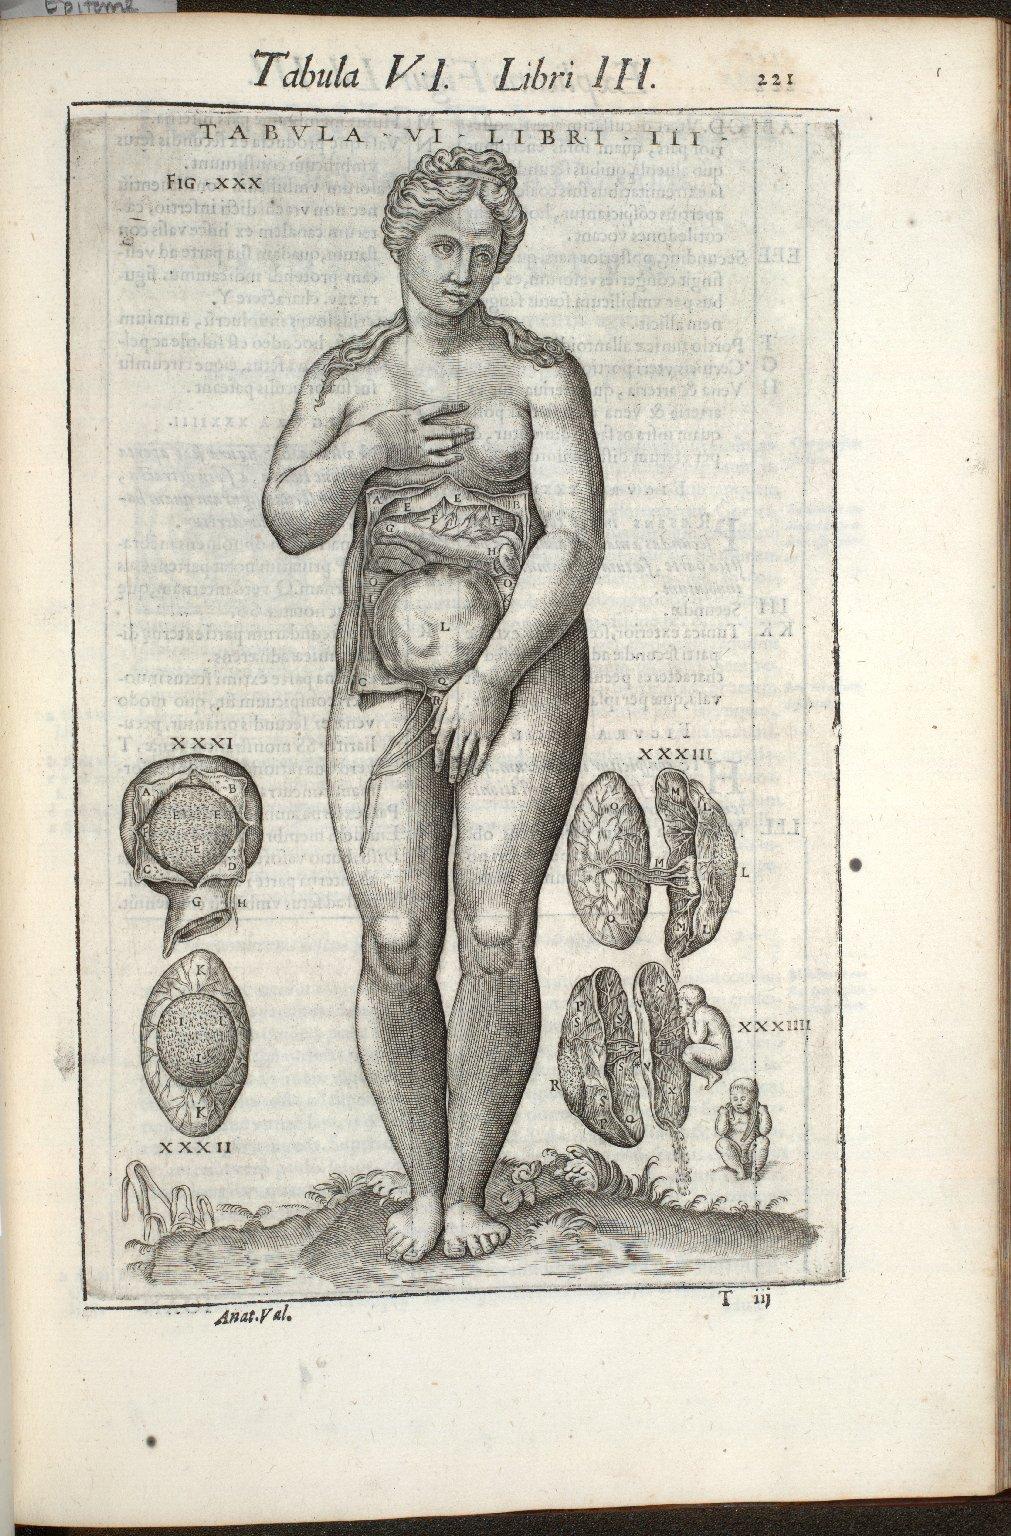 Tabula VI. Libri III.